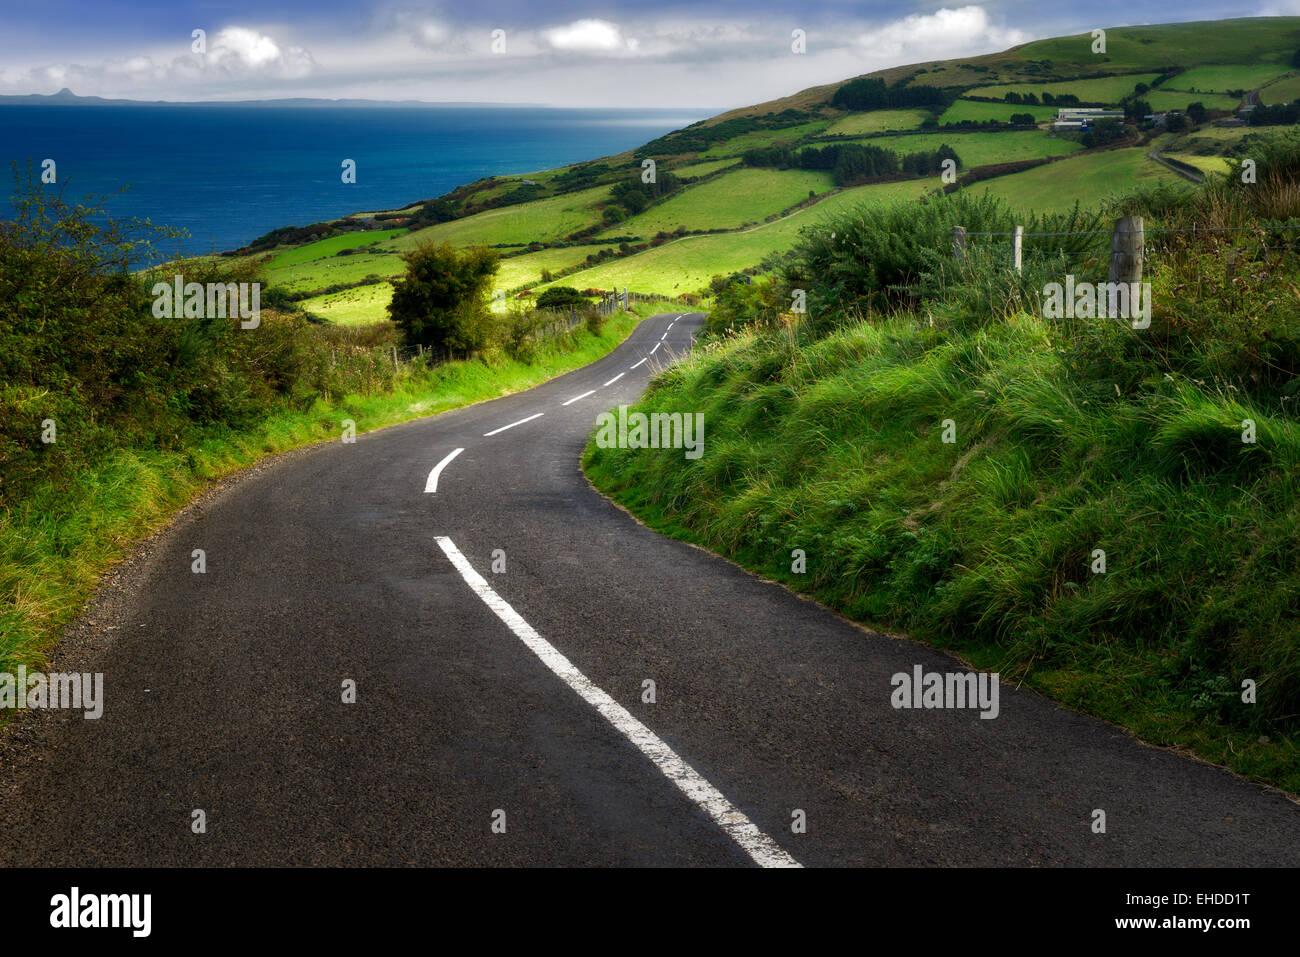 Route près de Torr Head avec des champs verts en arrière-plan. Côte d'Antrim en Irlande du Nord Photo Stock